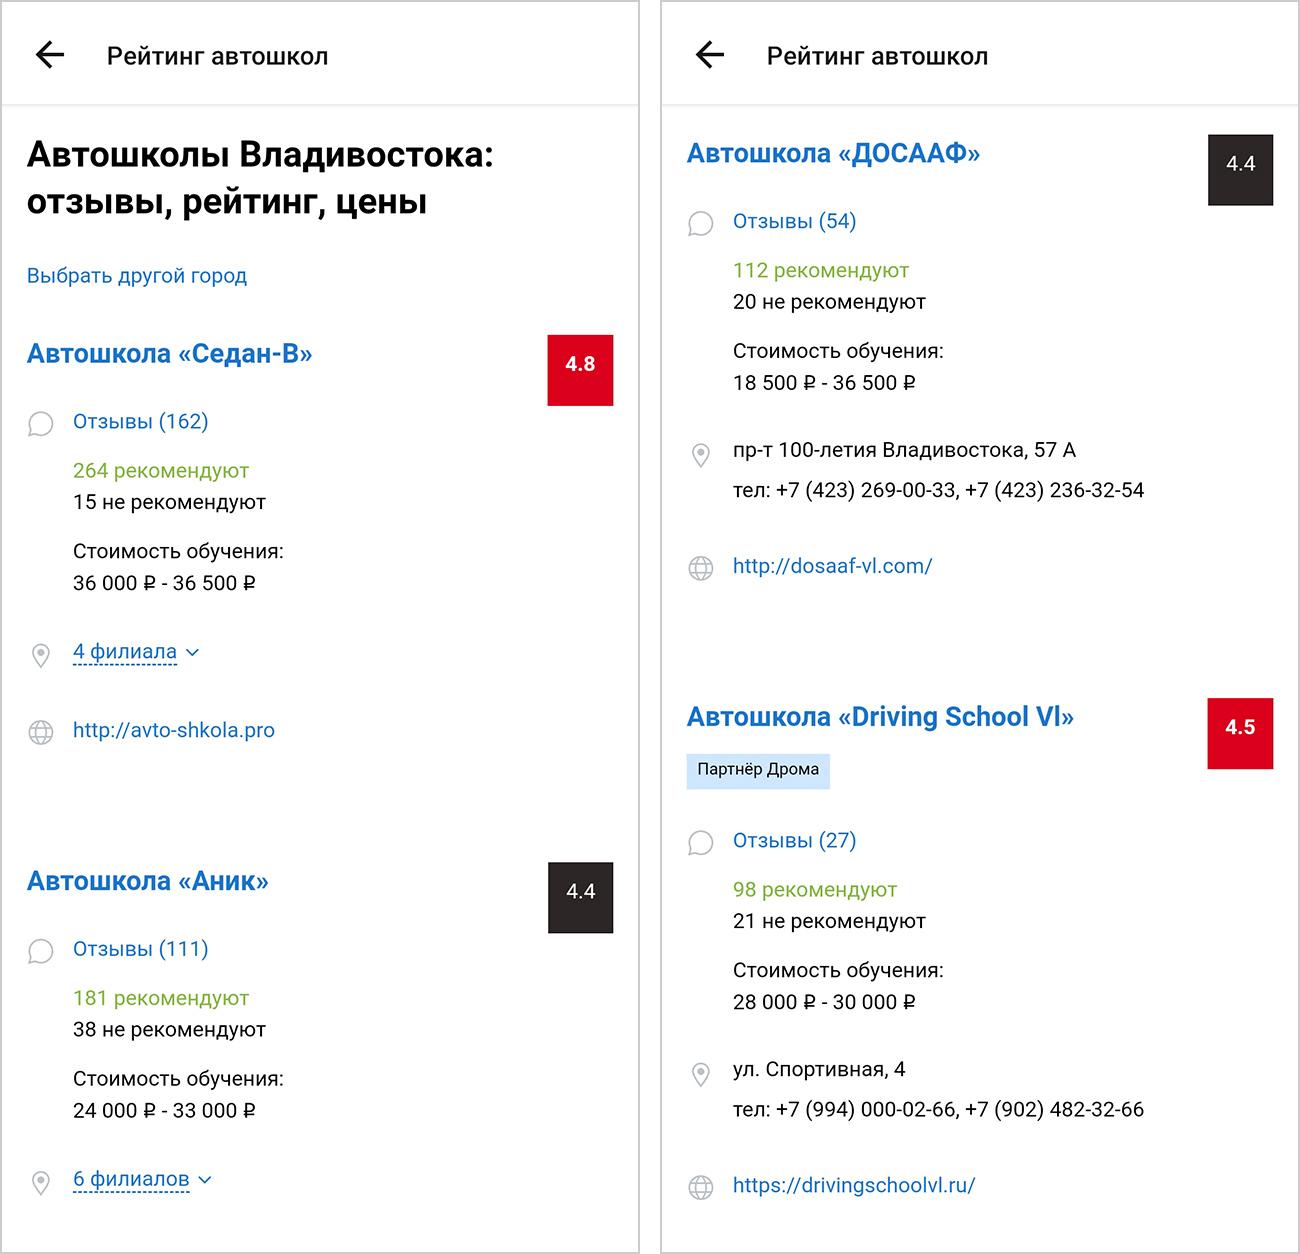 Во Владивостоке стоимость обучения в автошколе в среднем начинается от 20 тысяч рублей. Источник: «Дром»